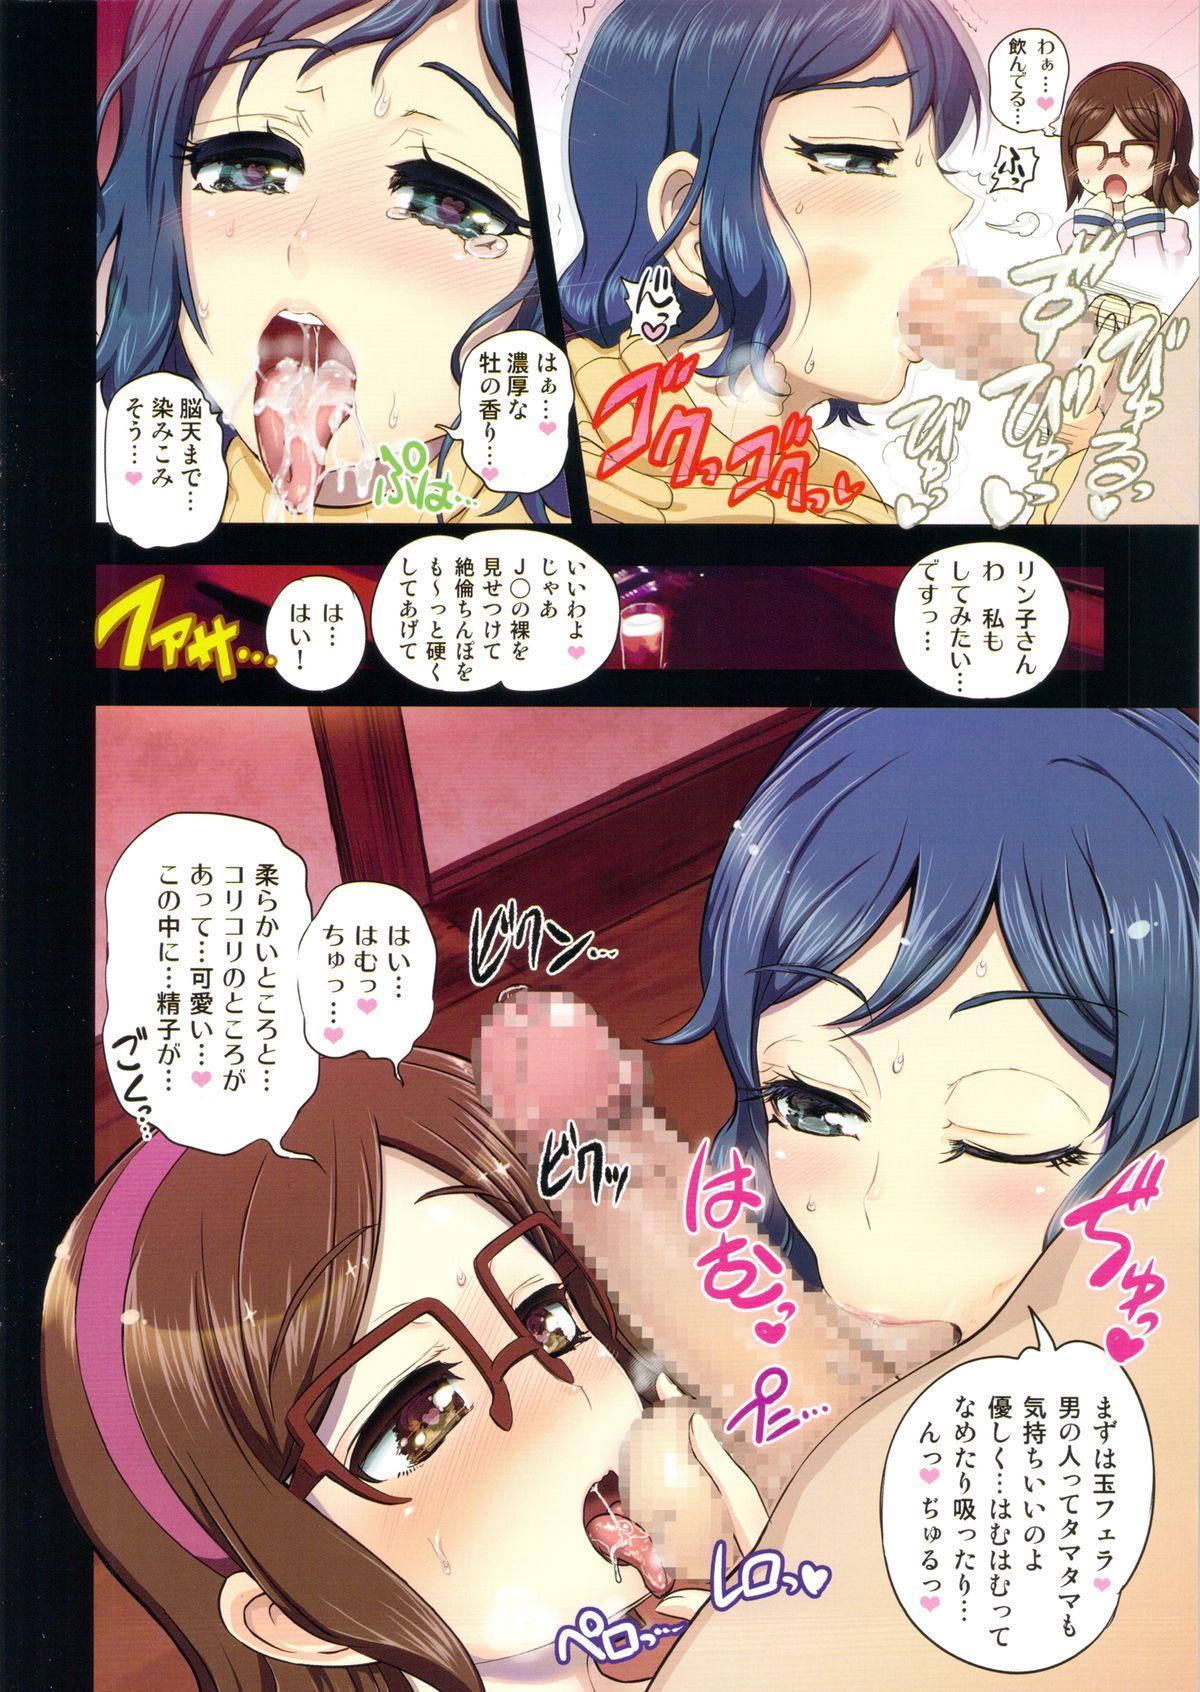 RinChina Icha Love Netori ♂×♀Hen 4